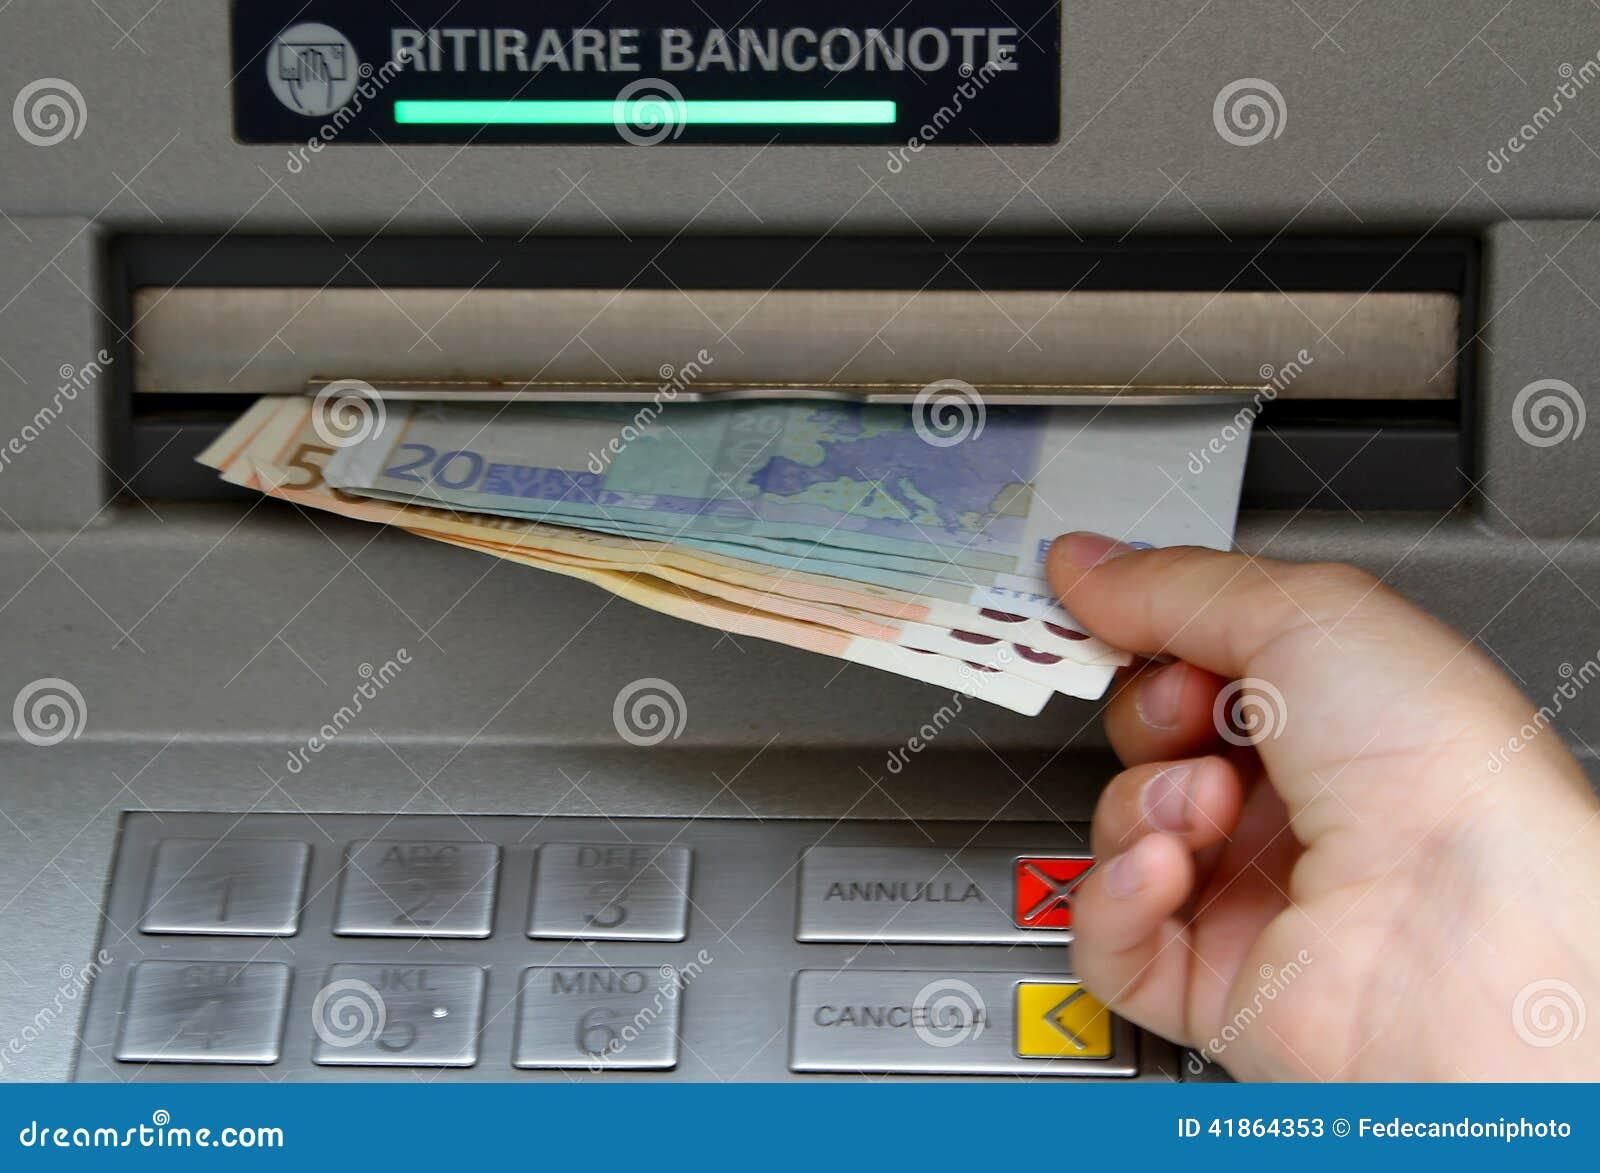 Retire o dinheiro nas cédulas de um ATM